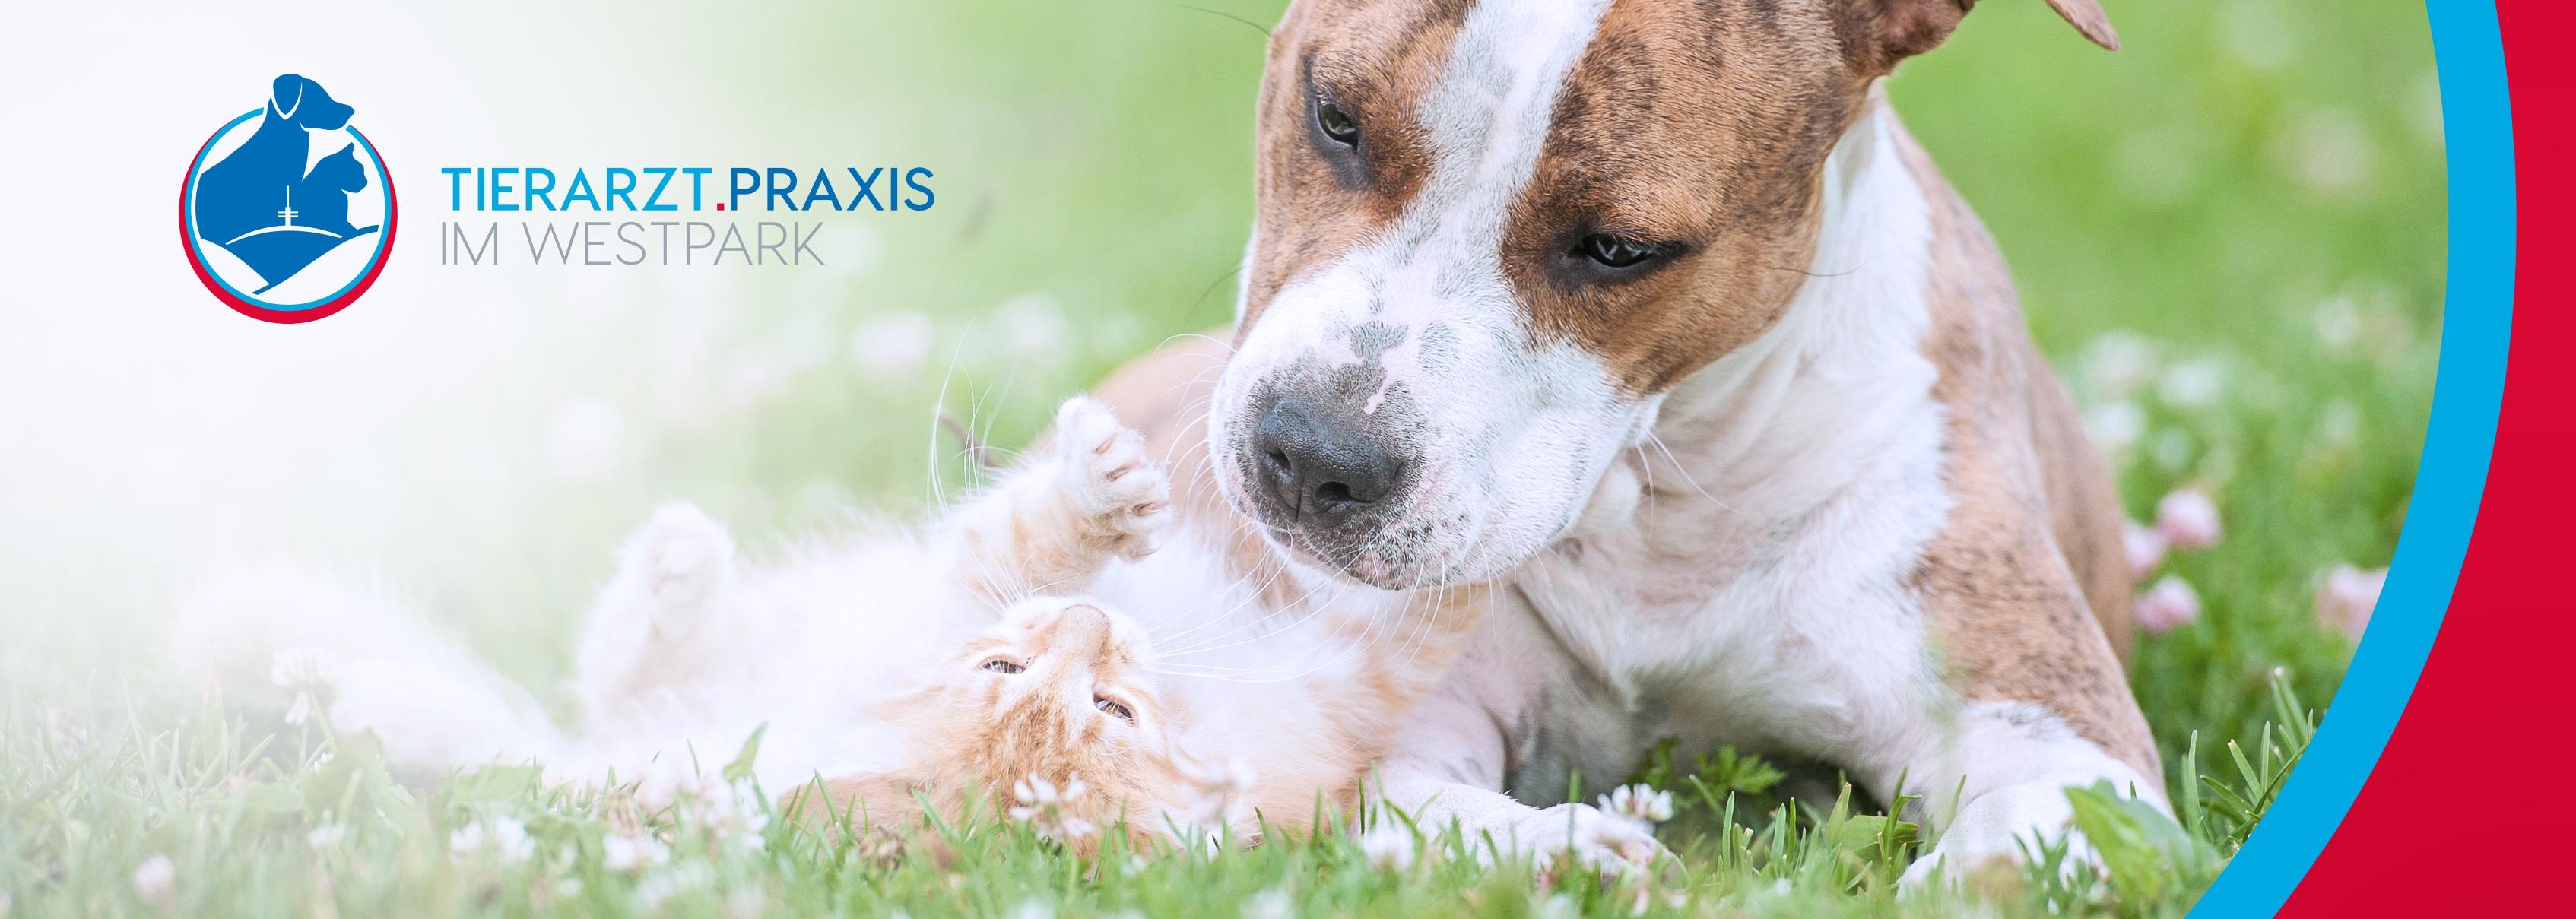 verfügung für tierarzt